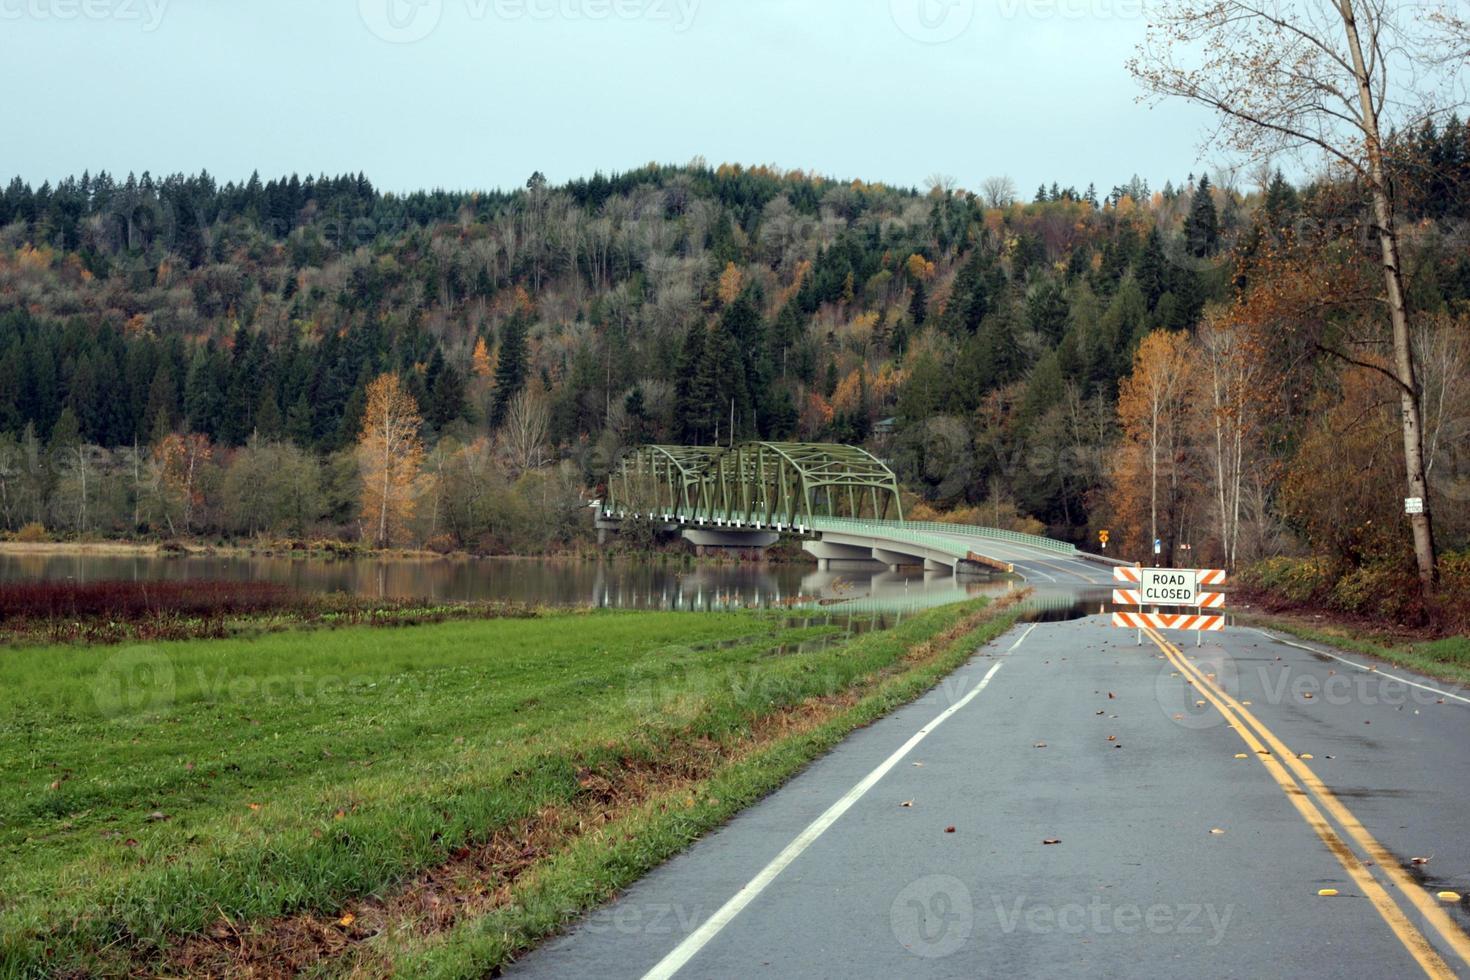 vägen stängd på grund av mindre översvämningar foto